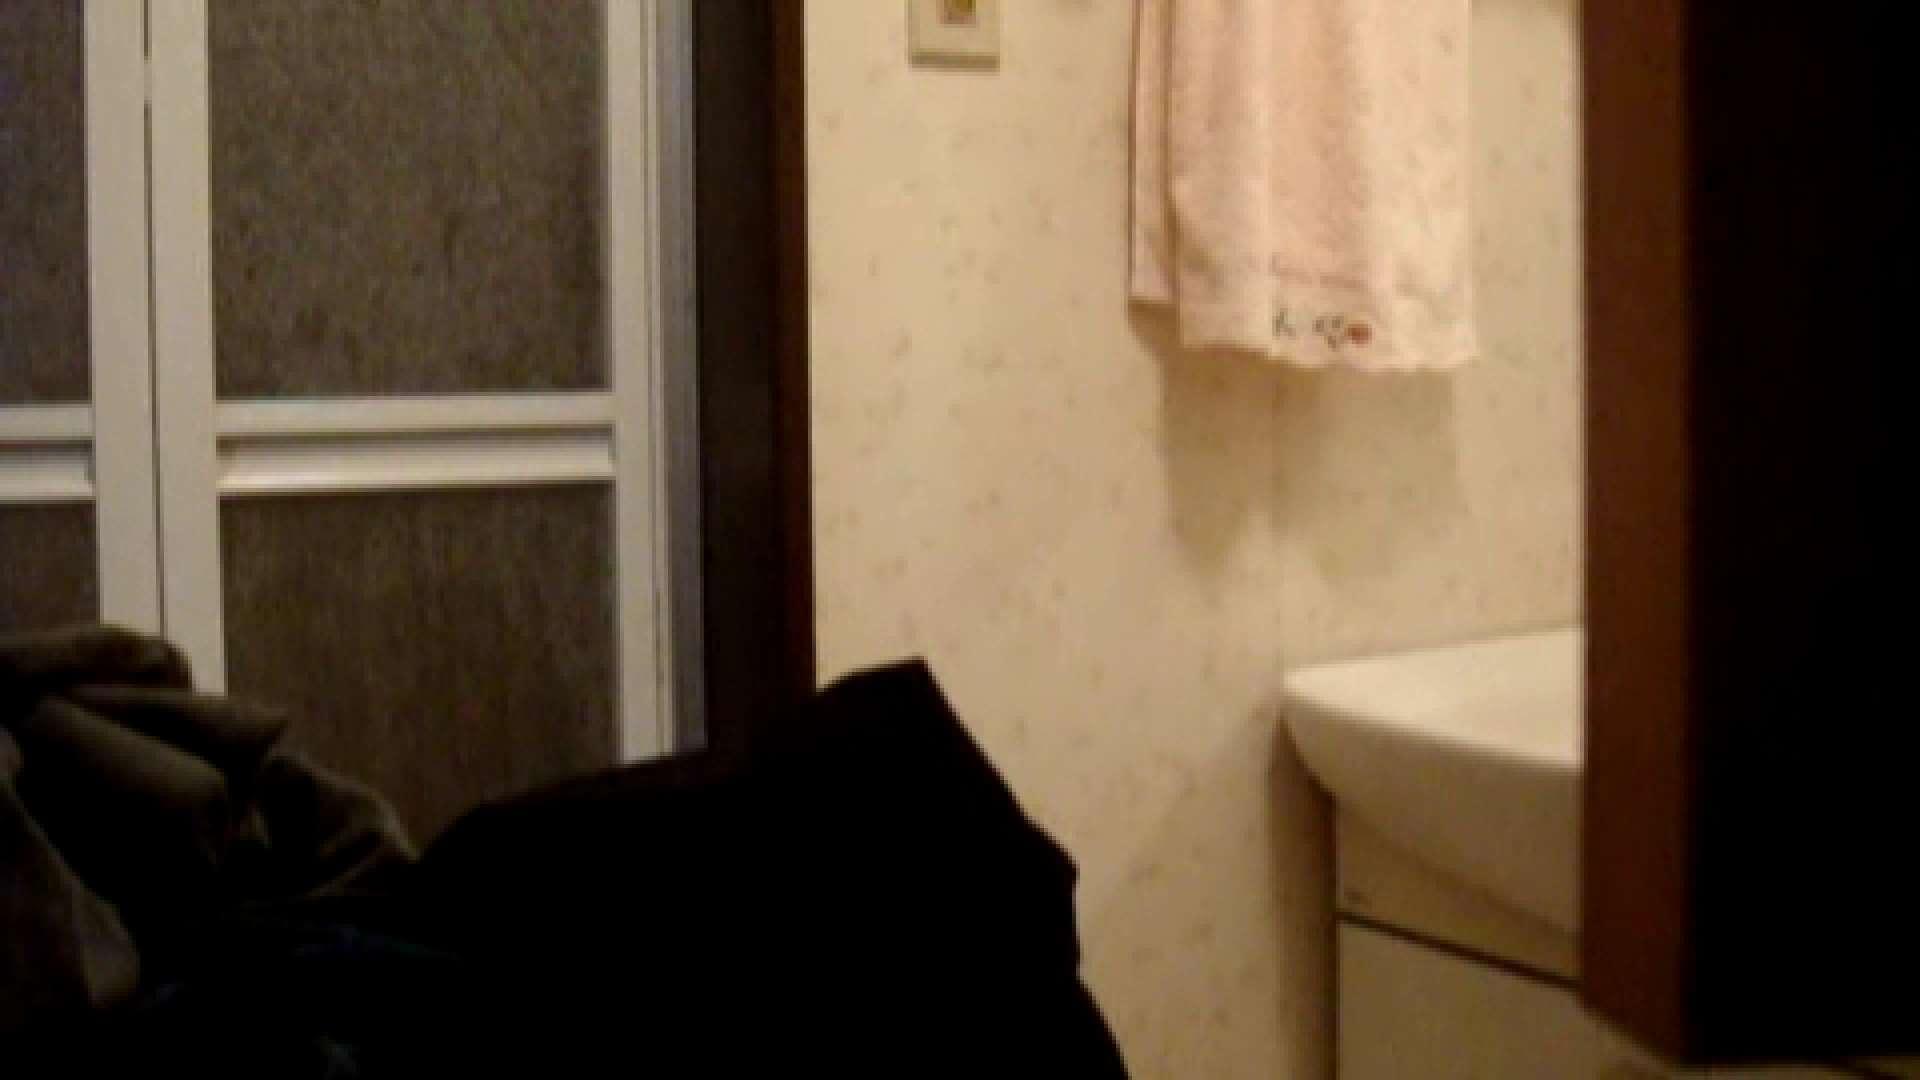 二人とも育てた甲斐がありました… vol.08 まどかの入浴中にカメラに気付いたか!? 入浴  84PIX 24